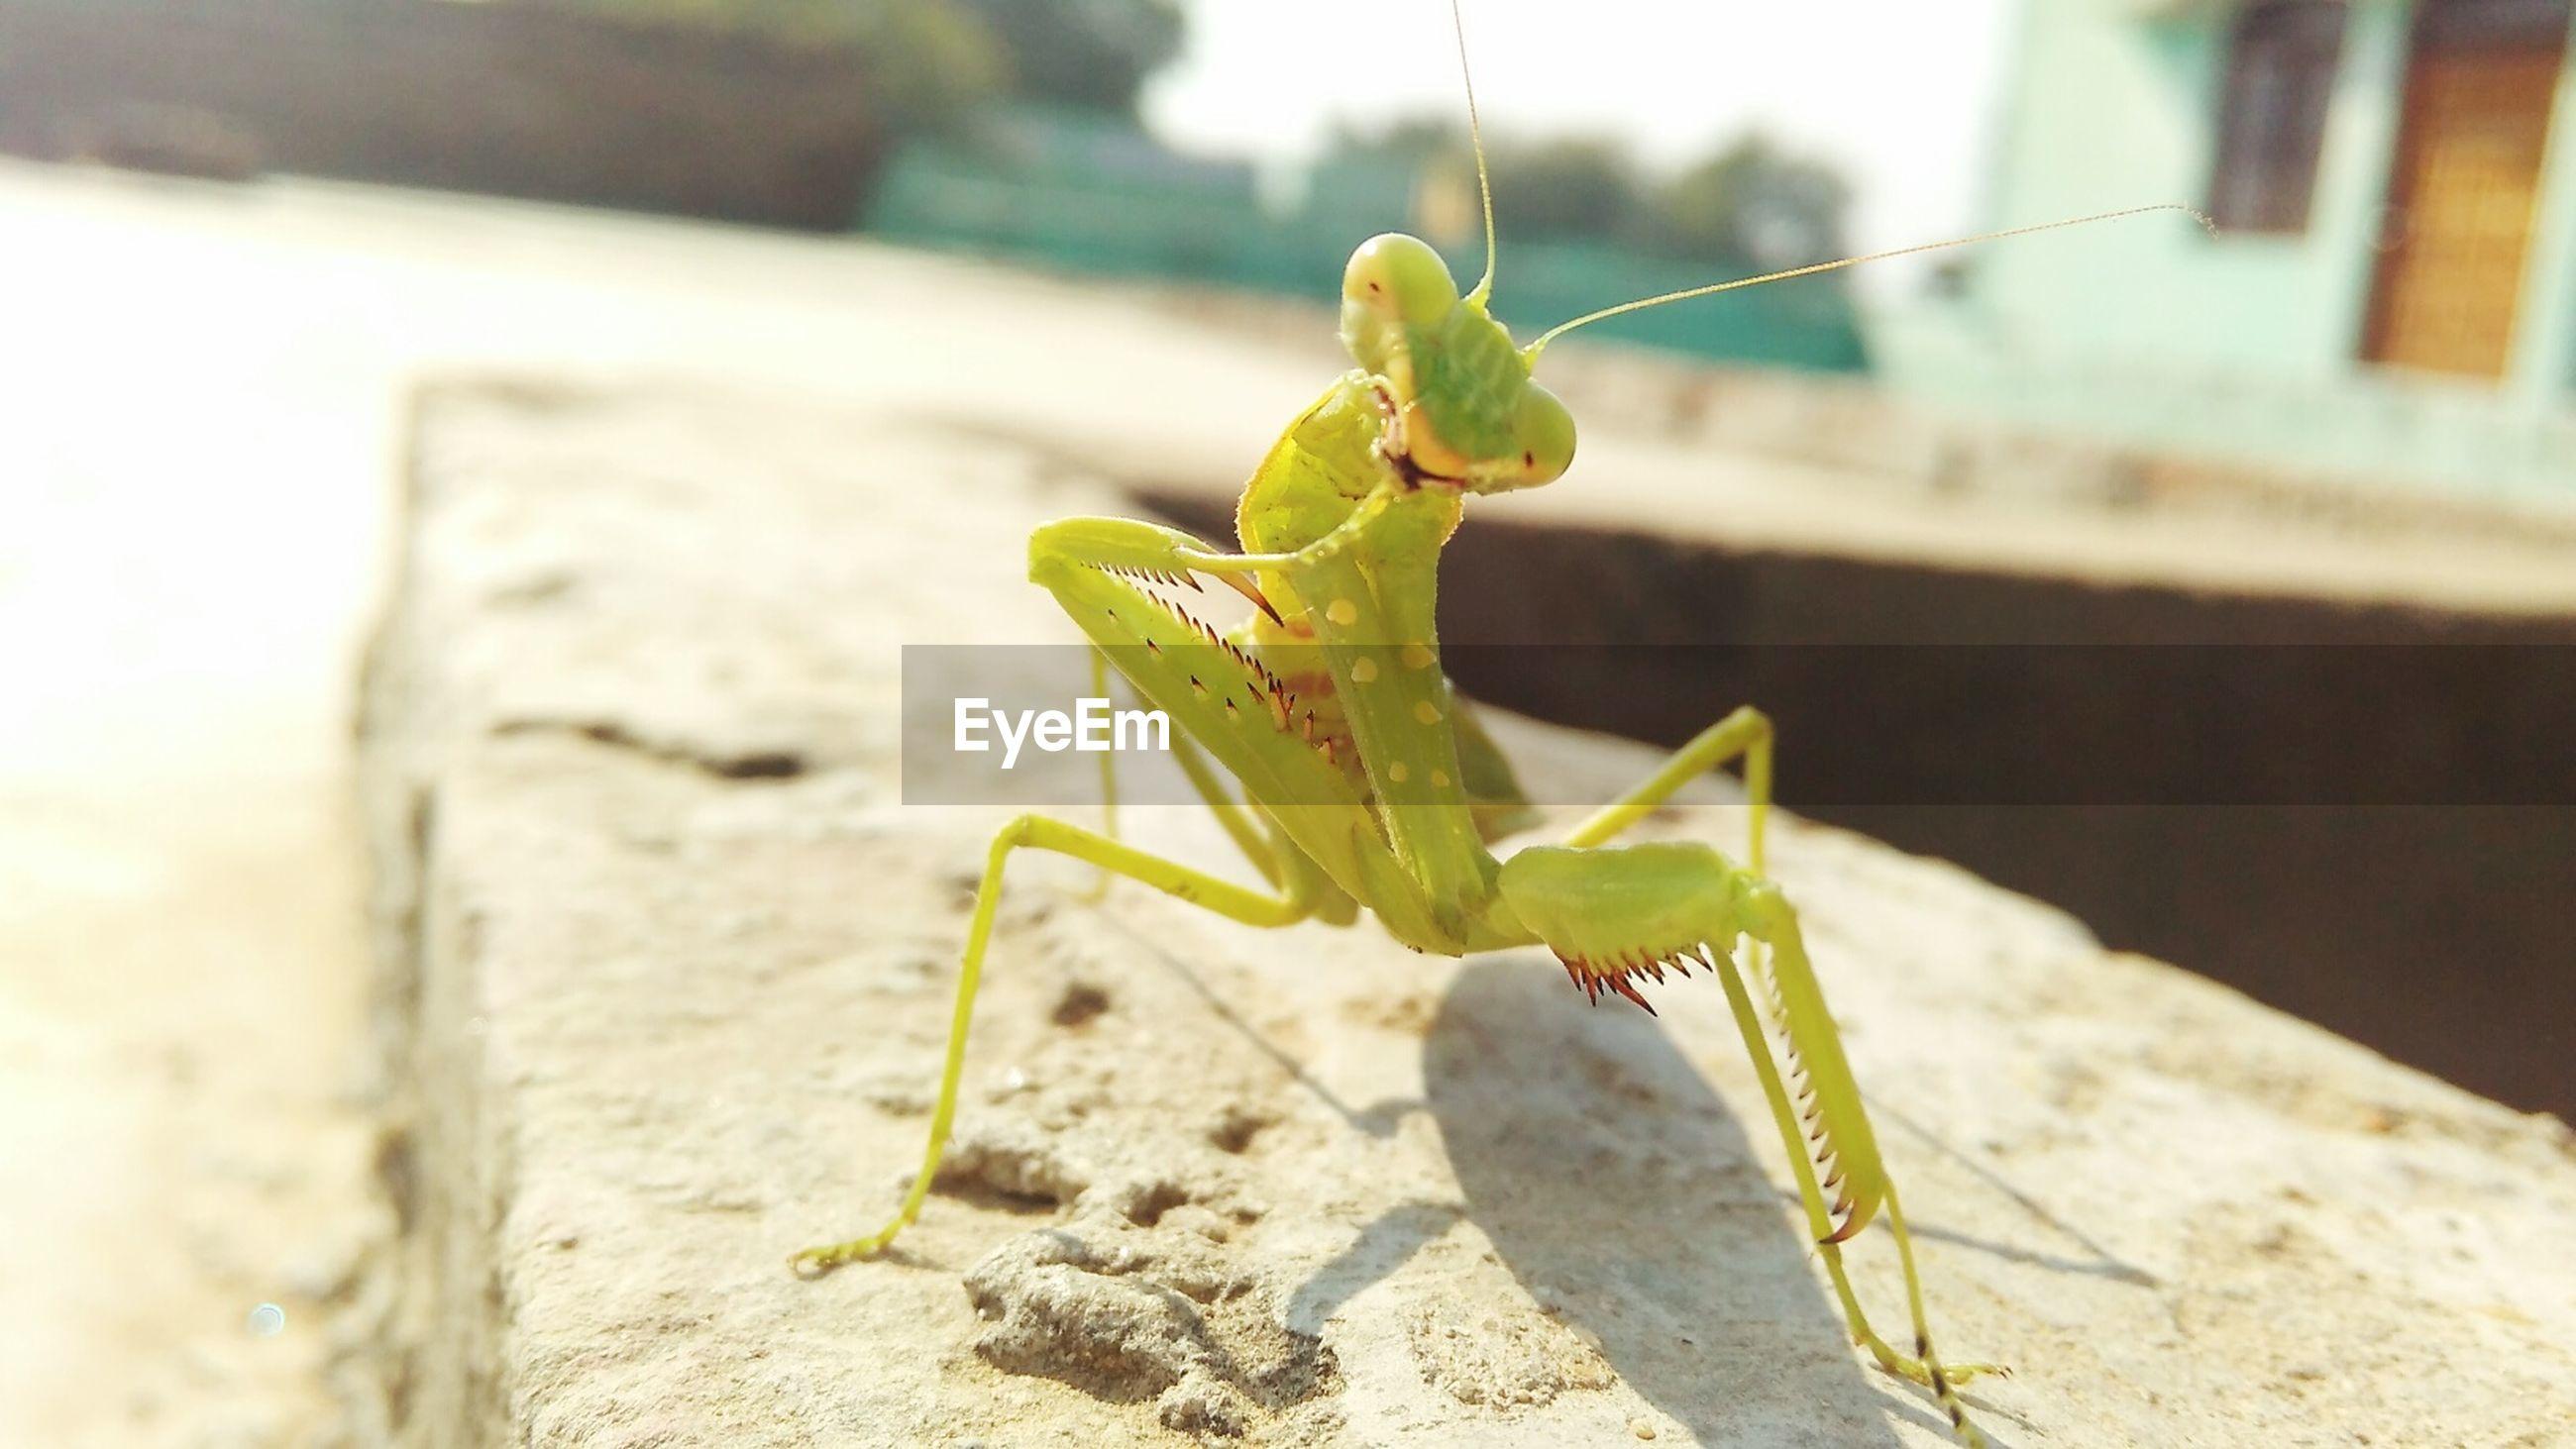 Portrait of praying mantis